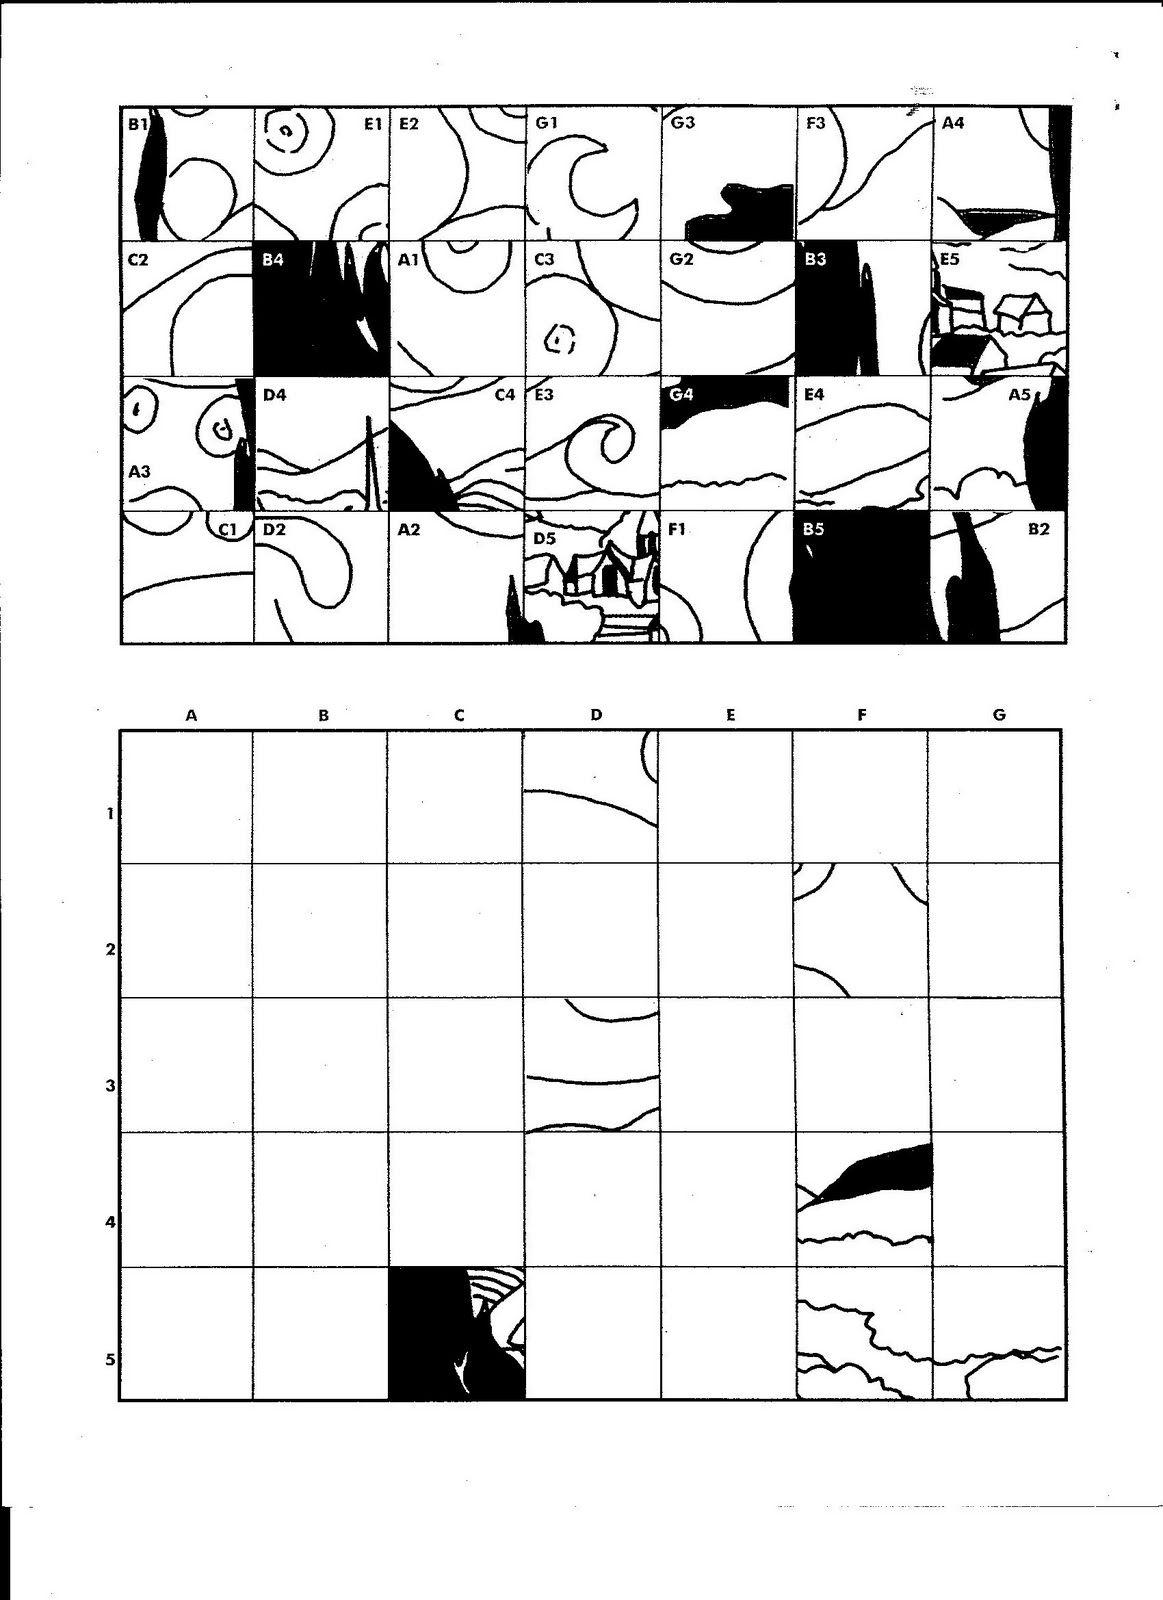 Grid Drawing Worksheet